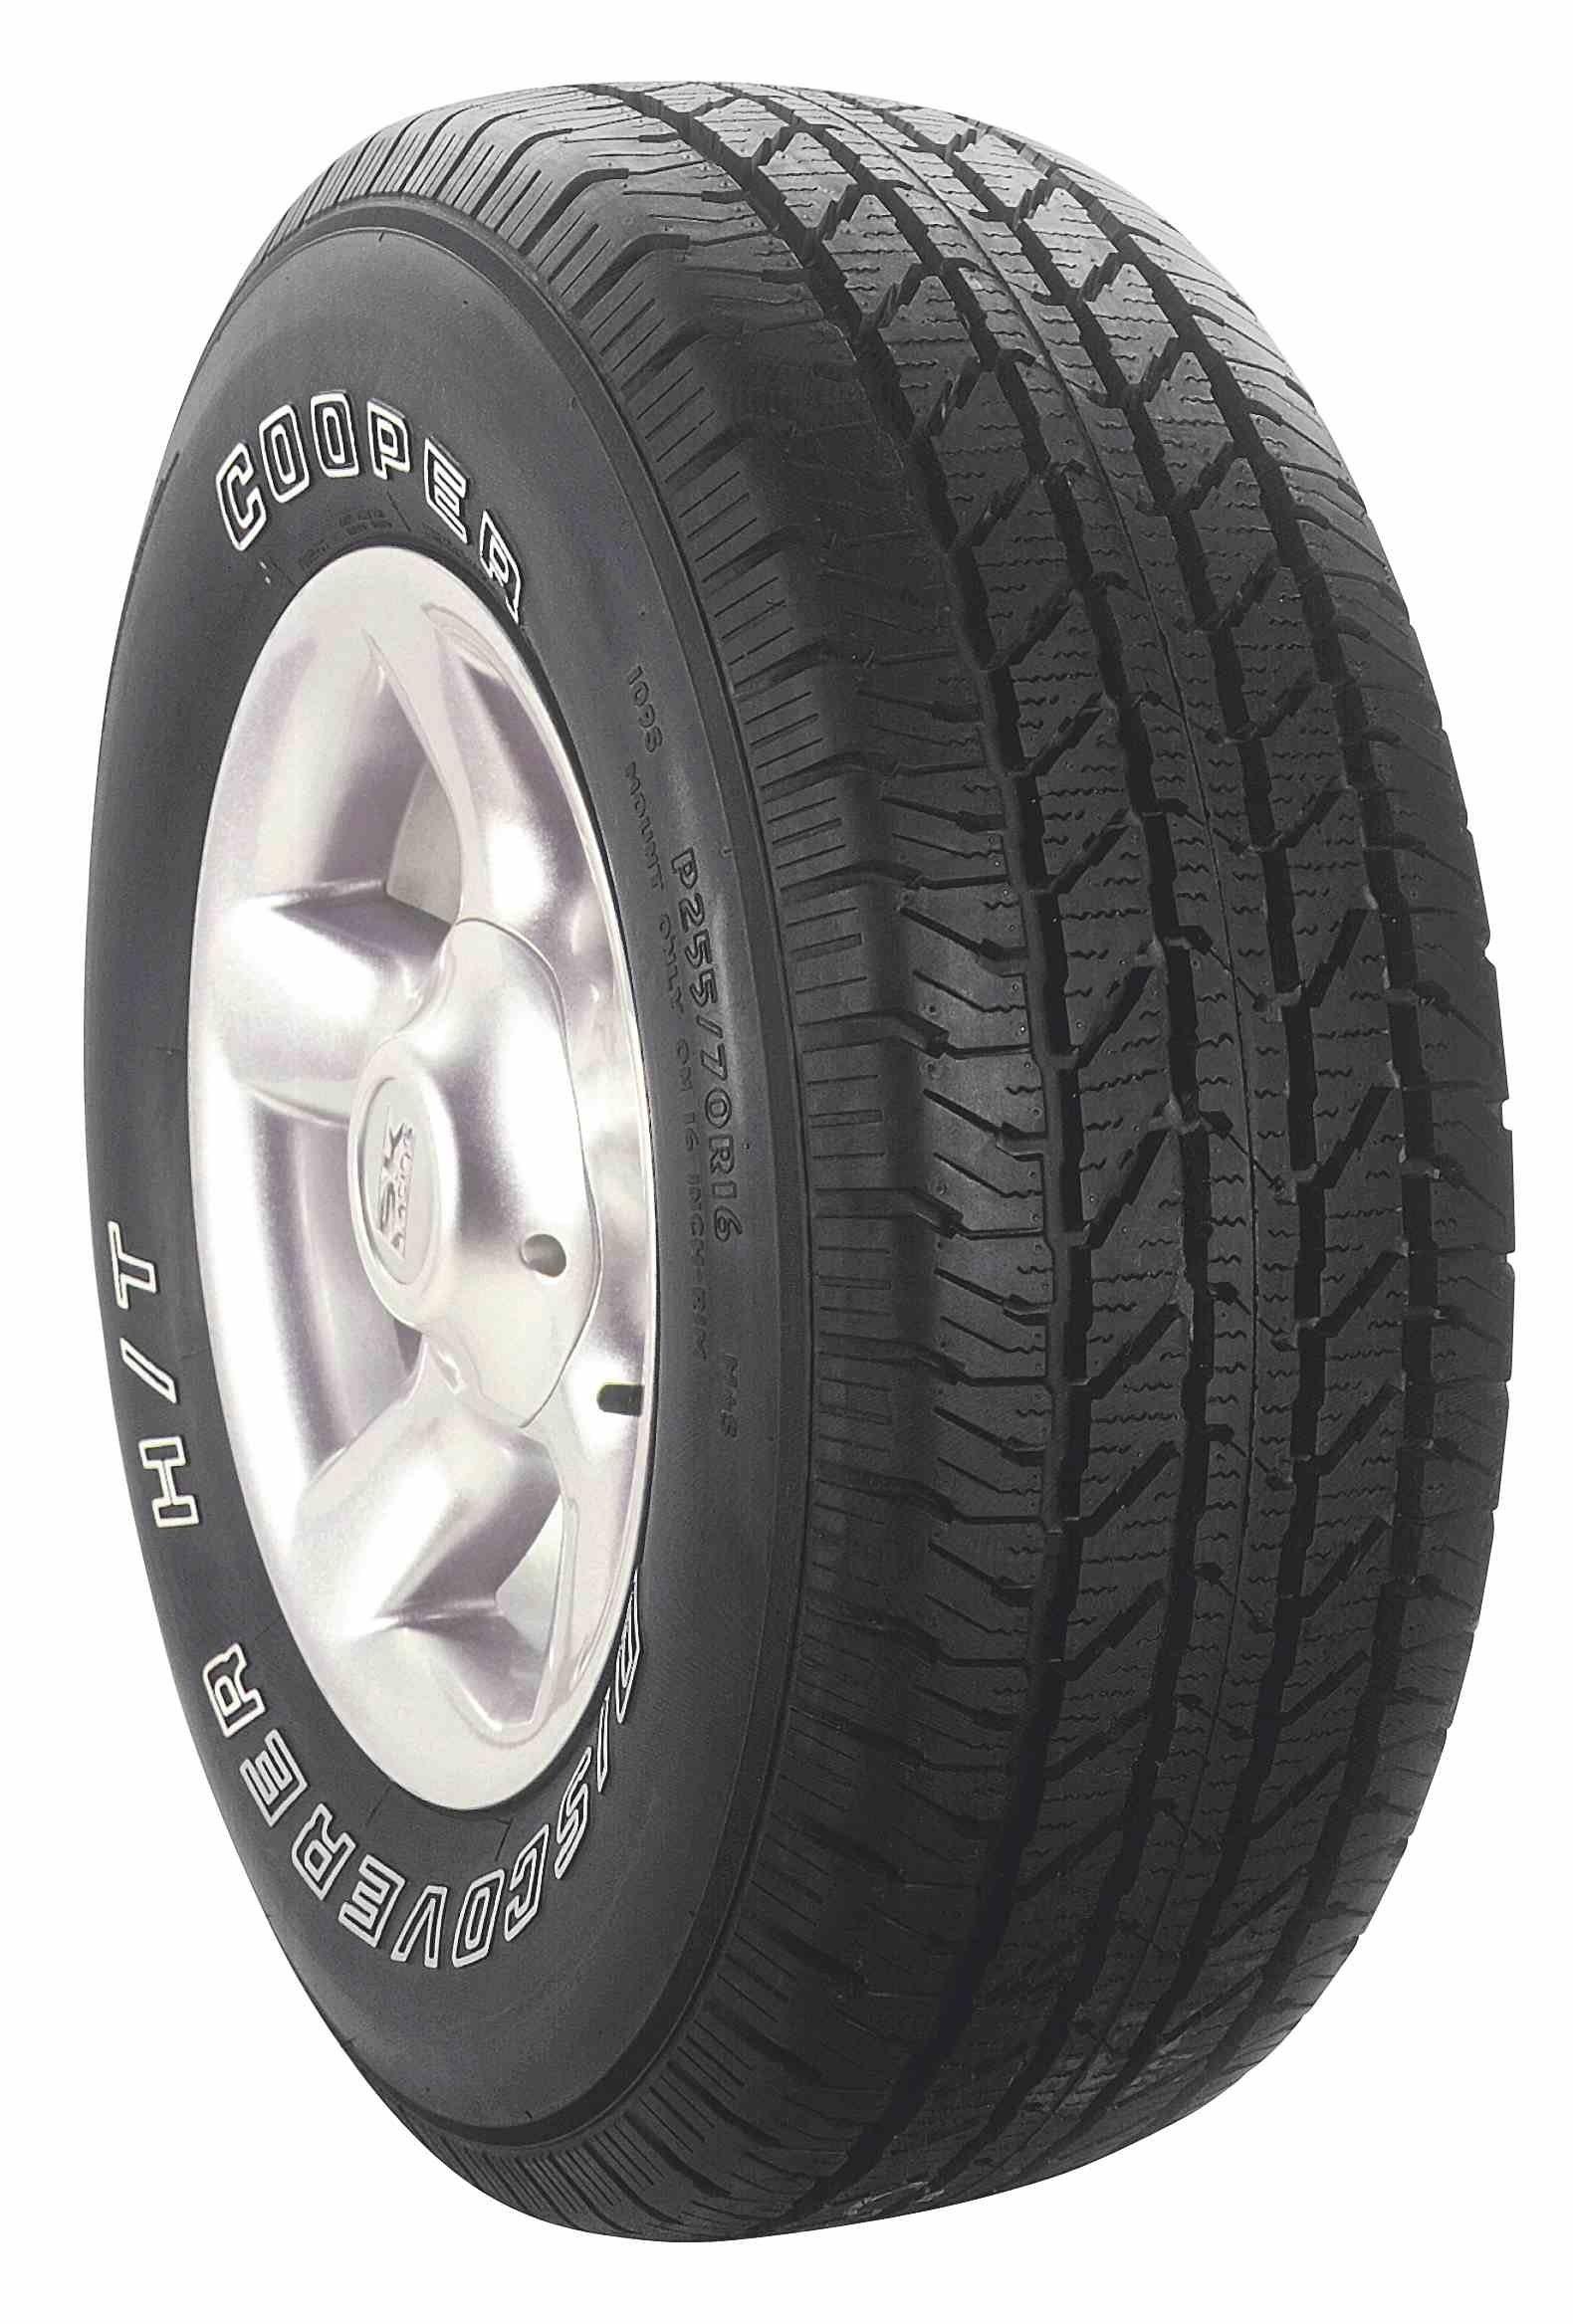 Neumático COOPER DISCOVERER 235/70R16 106 T